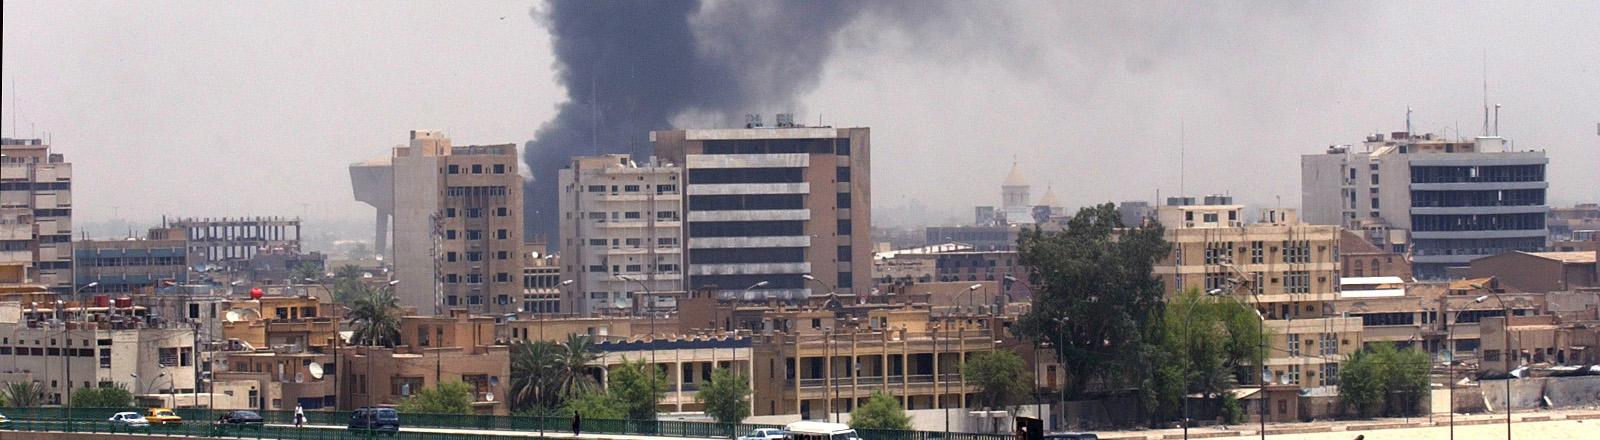 Stadtansicht von Bagdad, hinter Häusern steigt Rauch auf